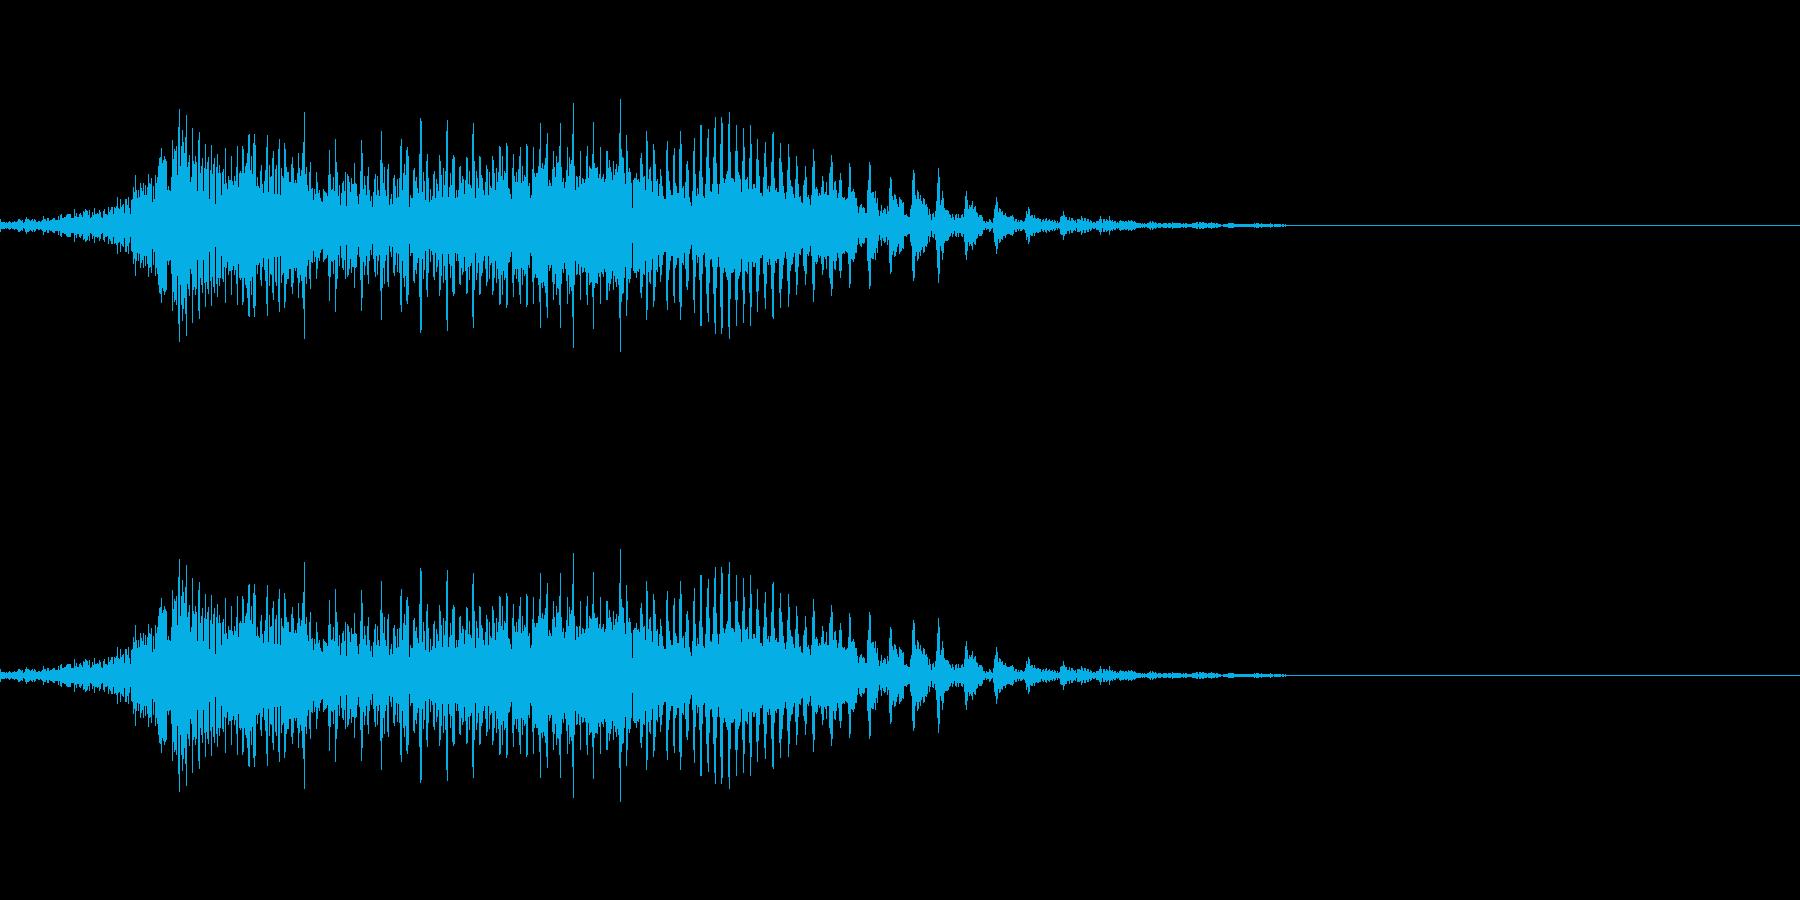 てぇい!2の再生済みの波形